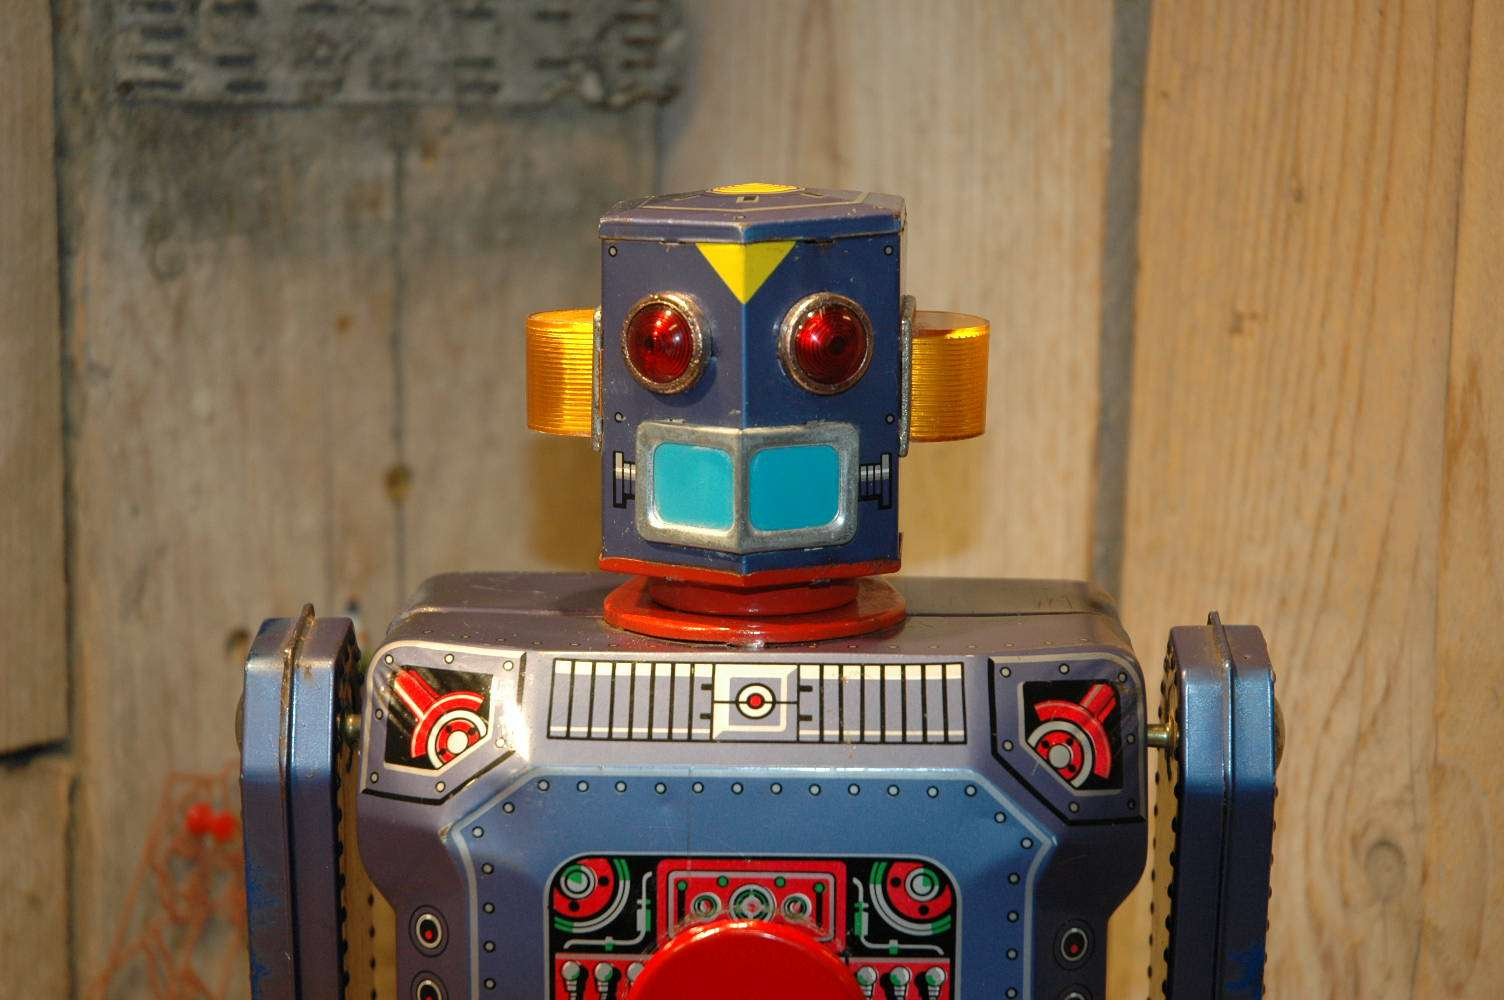 Modern Toys - Target Robot